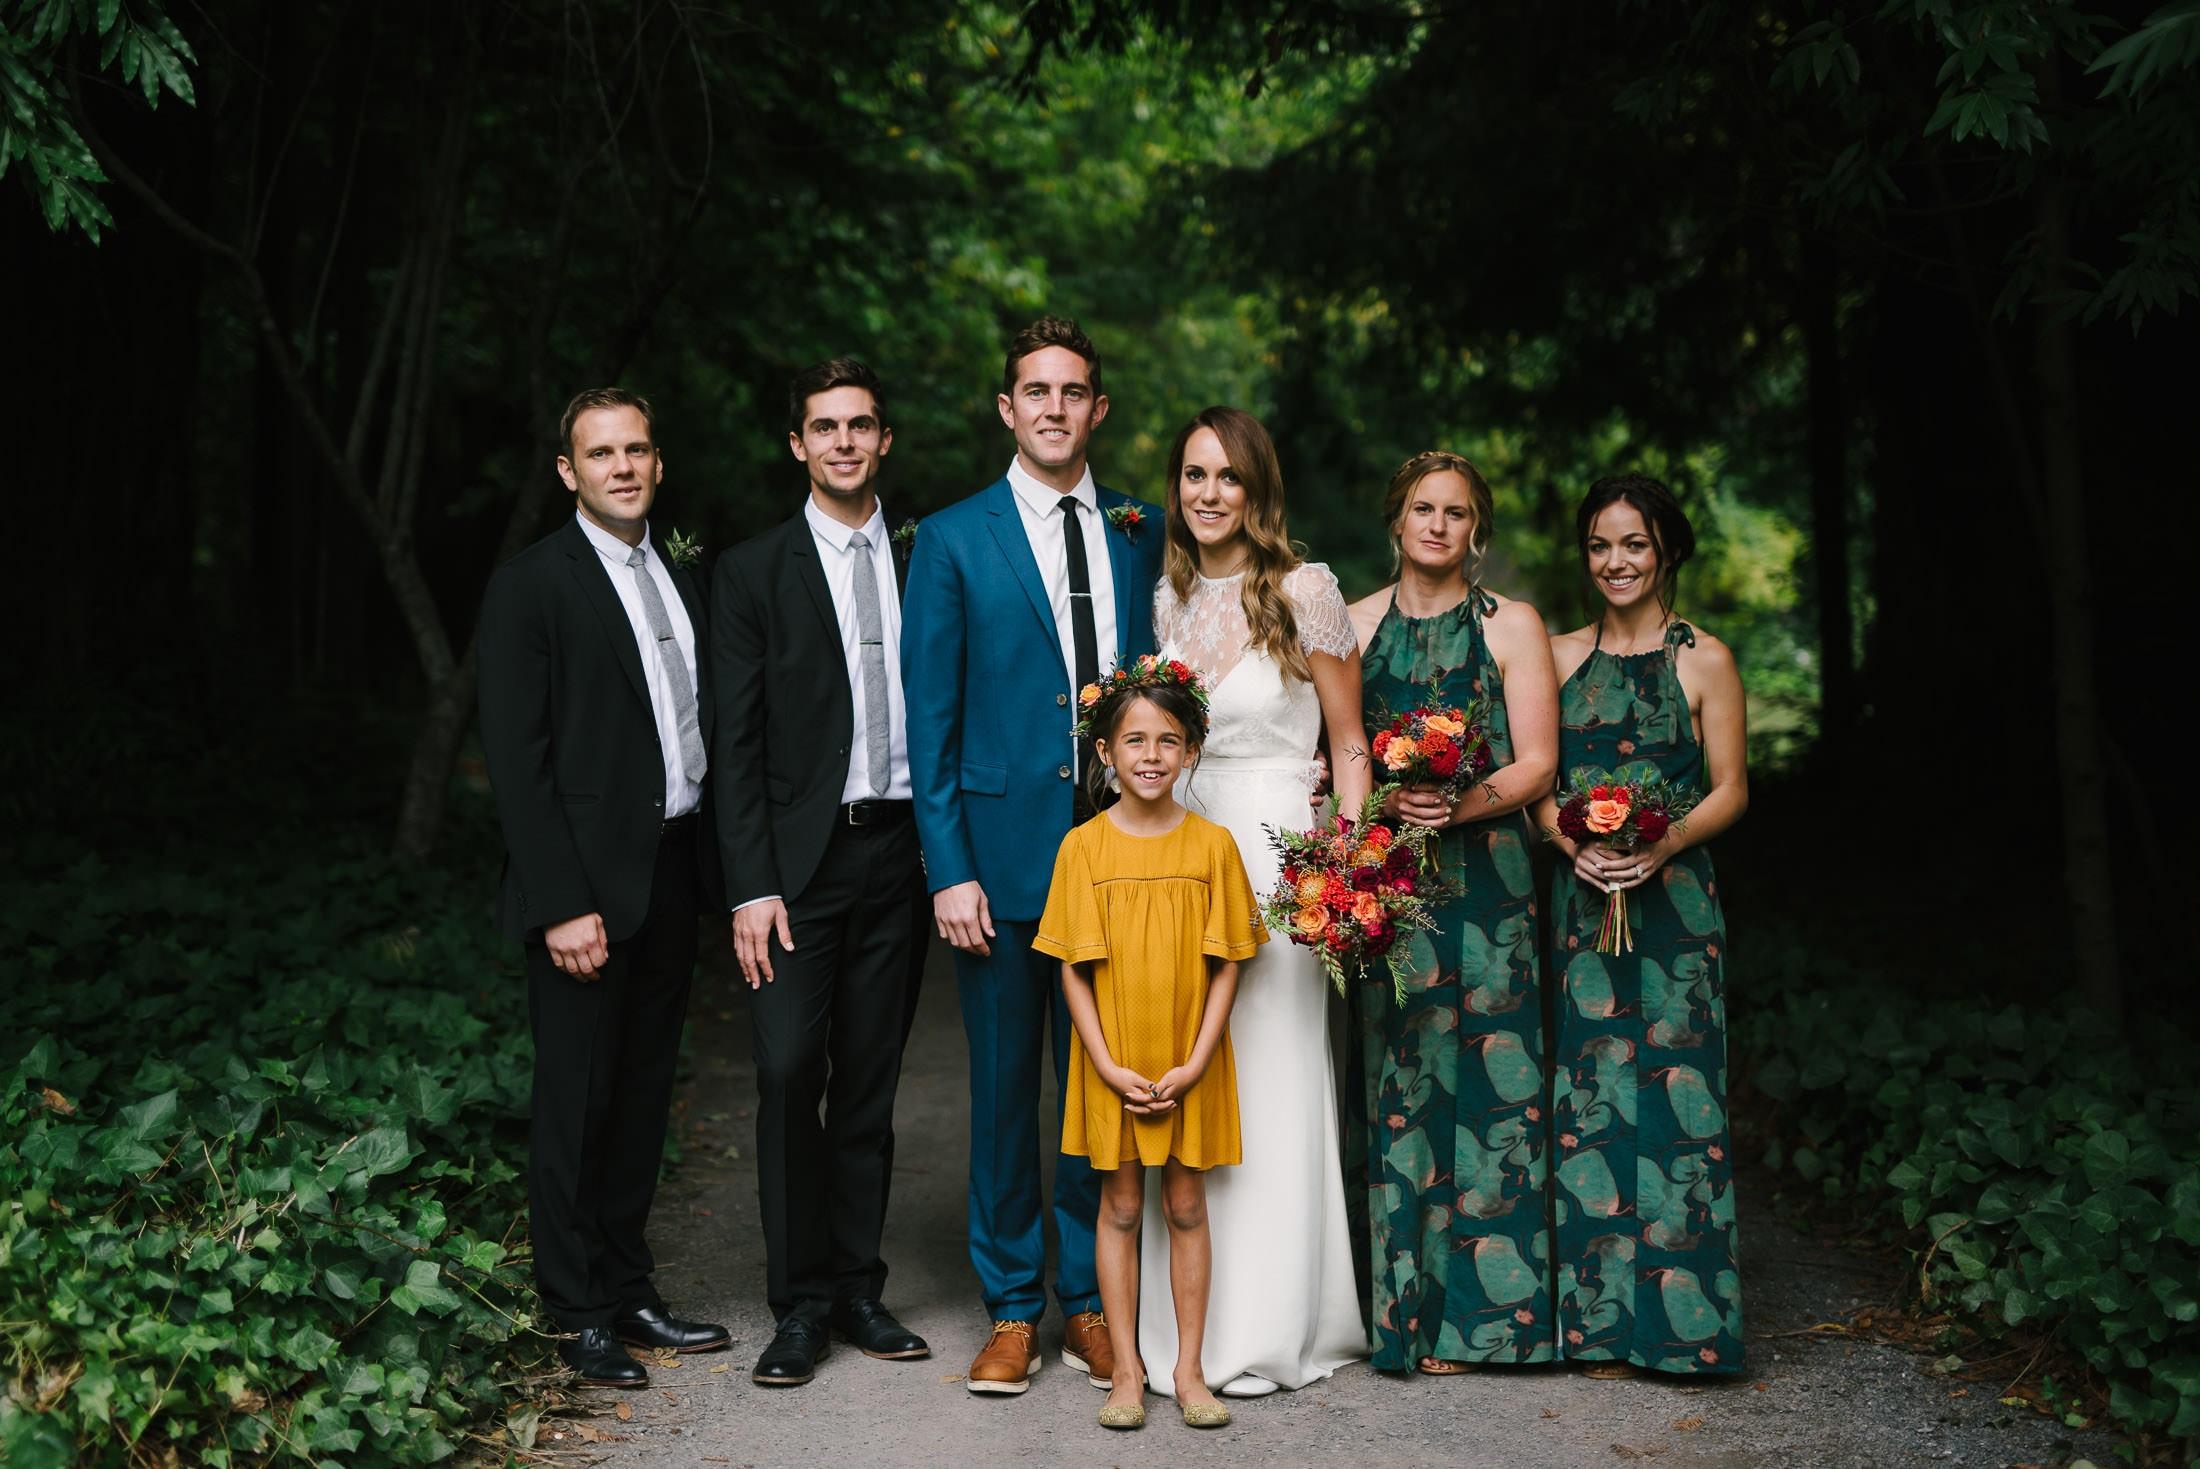 Dawn Ranch Wedding party portrait